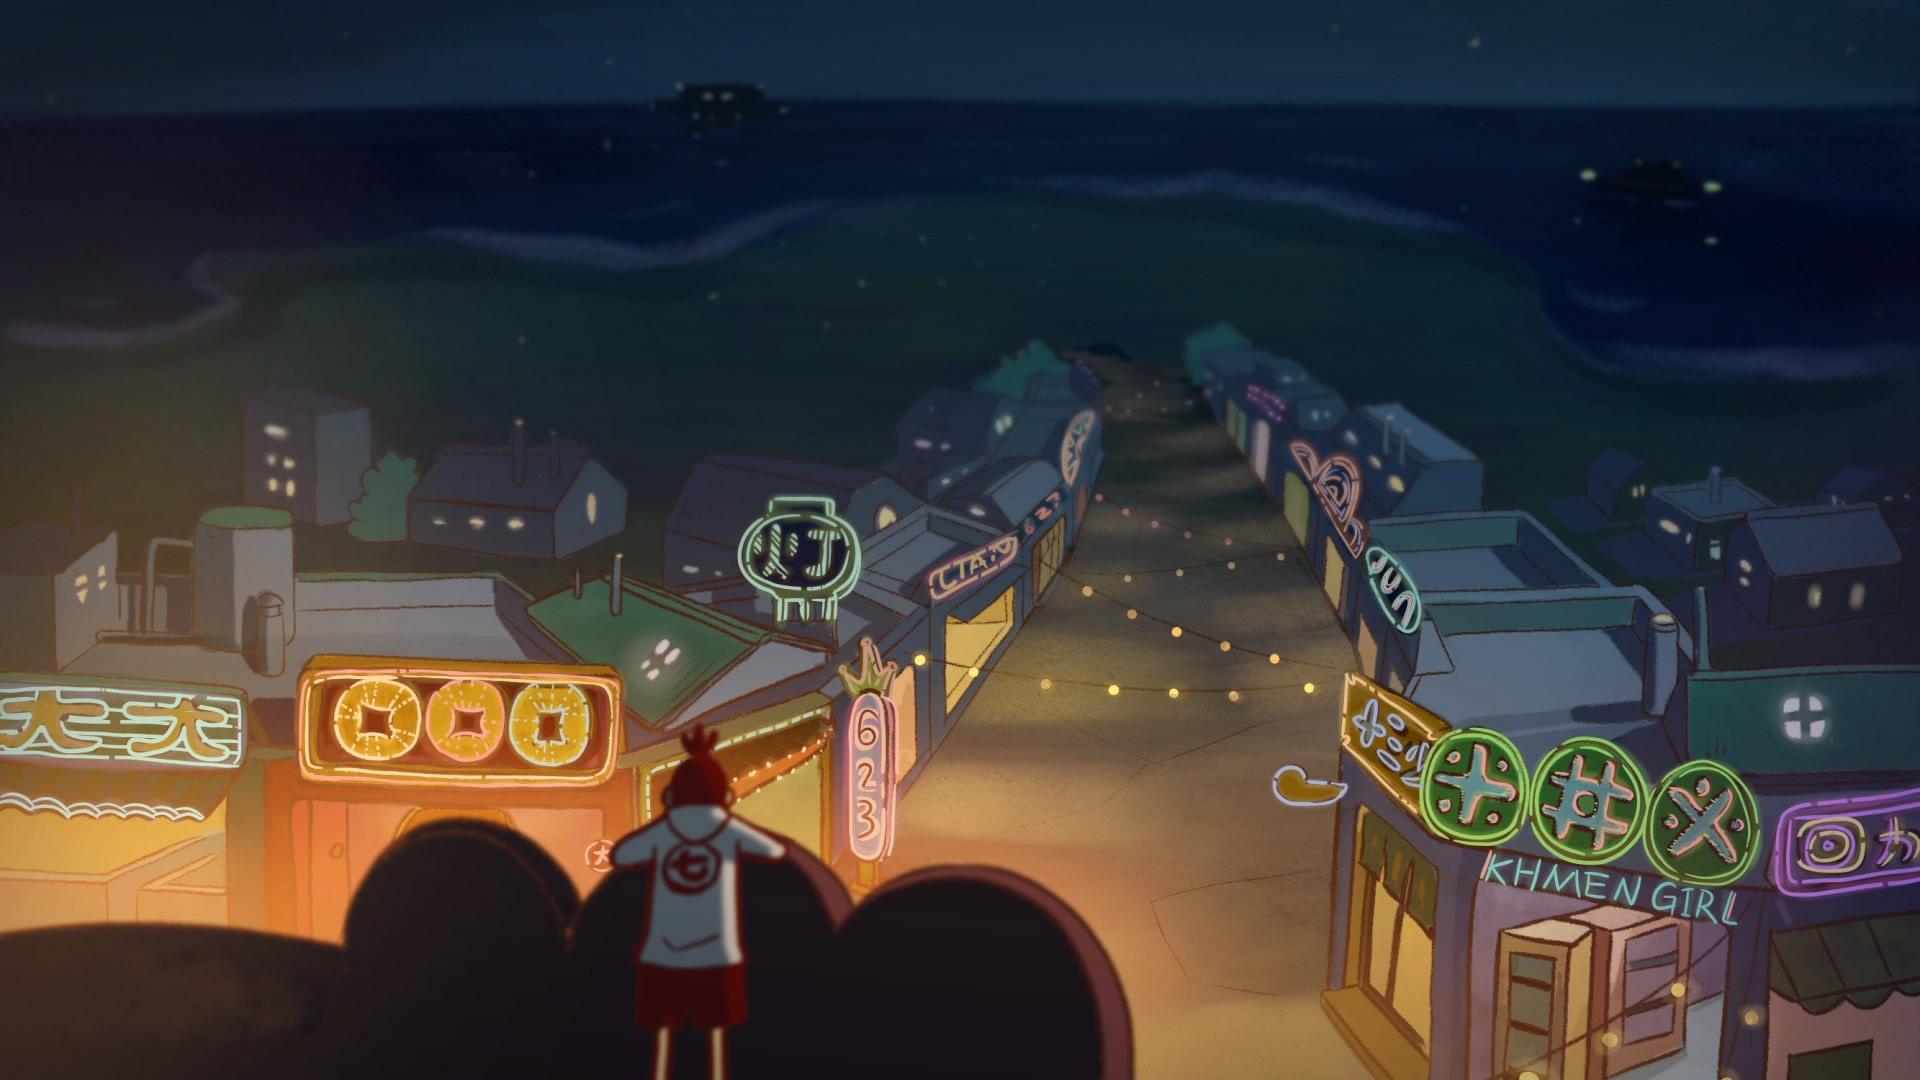 啊哈娱乐小疯映画合作推出动画《刺客伍六七》 定档3.7